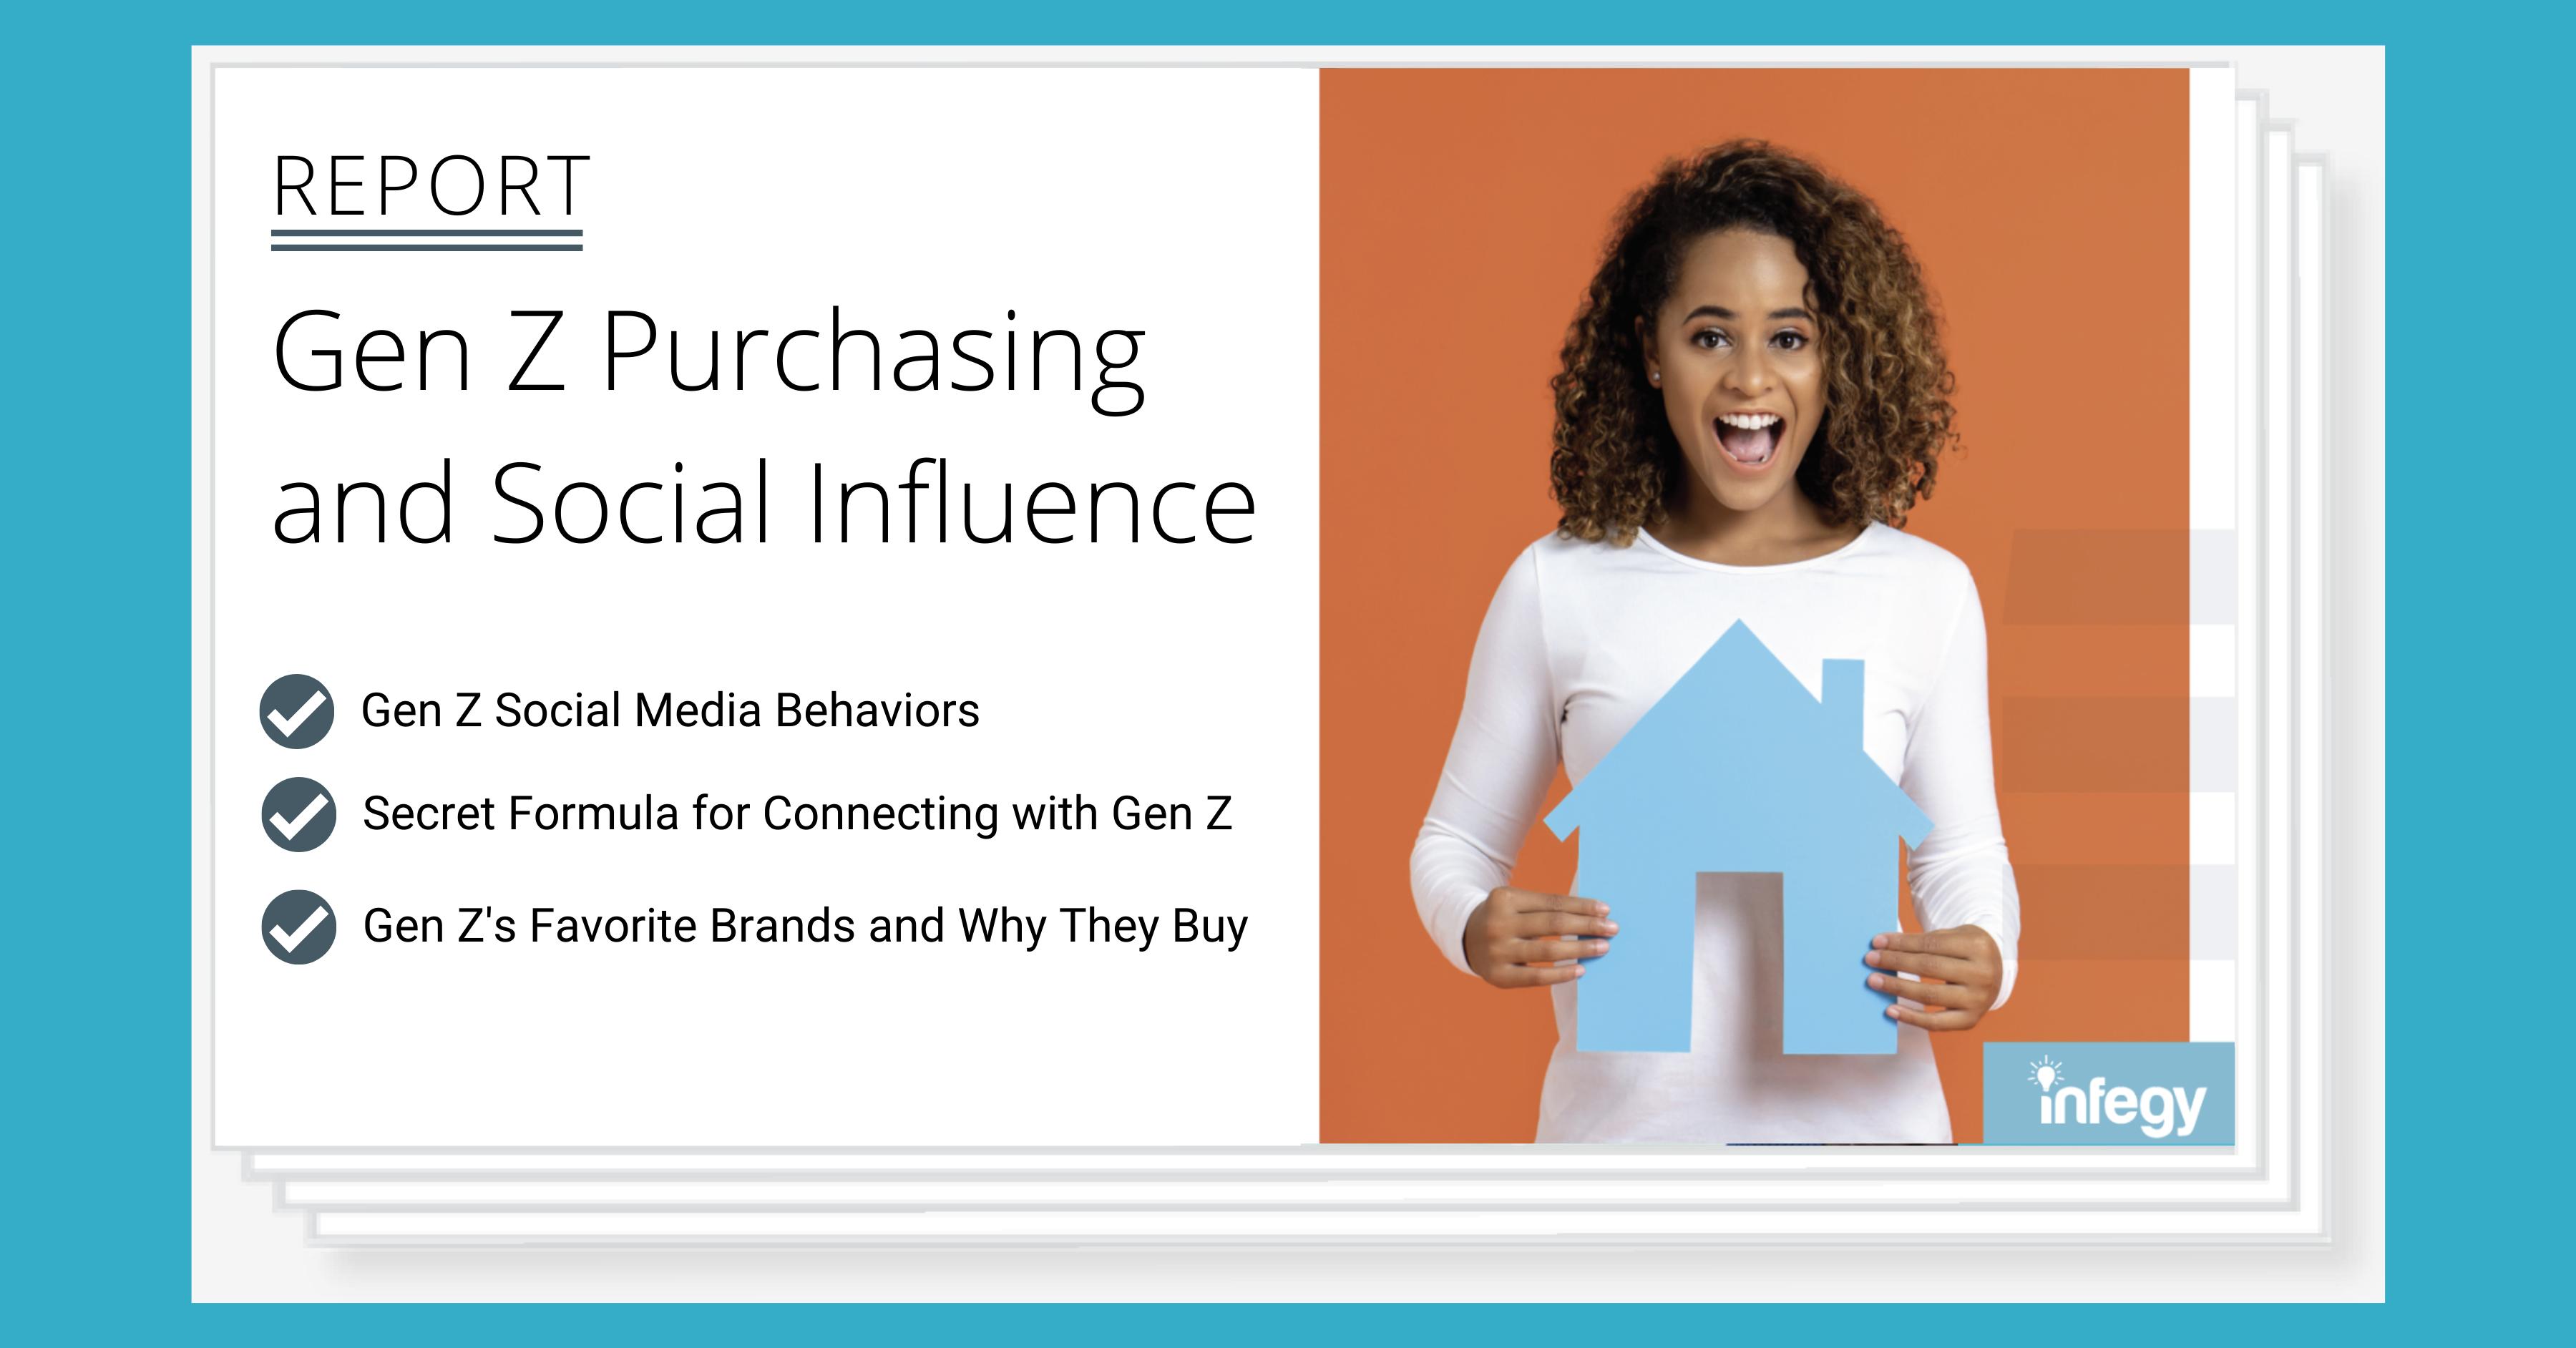 Gen Z buying behaviors and Gen Z consumer trends with social listening